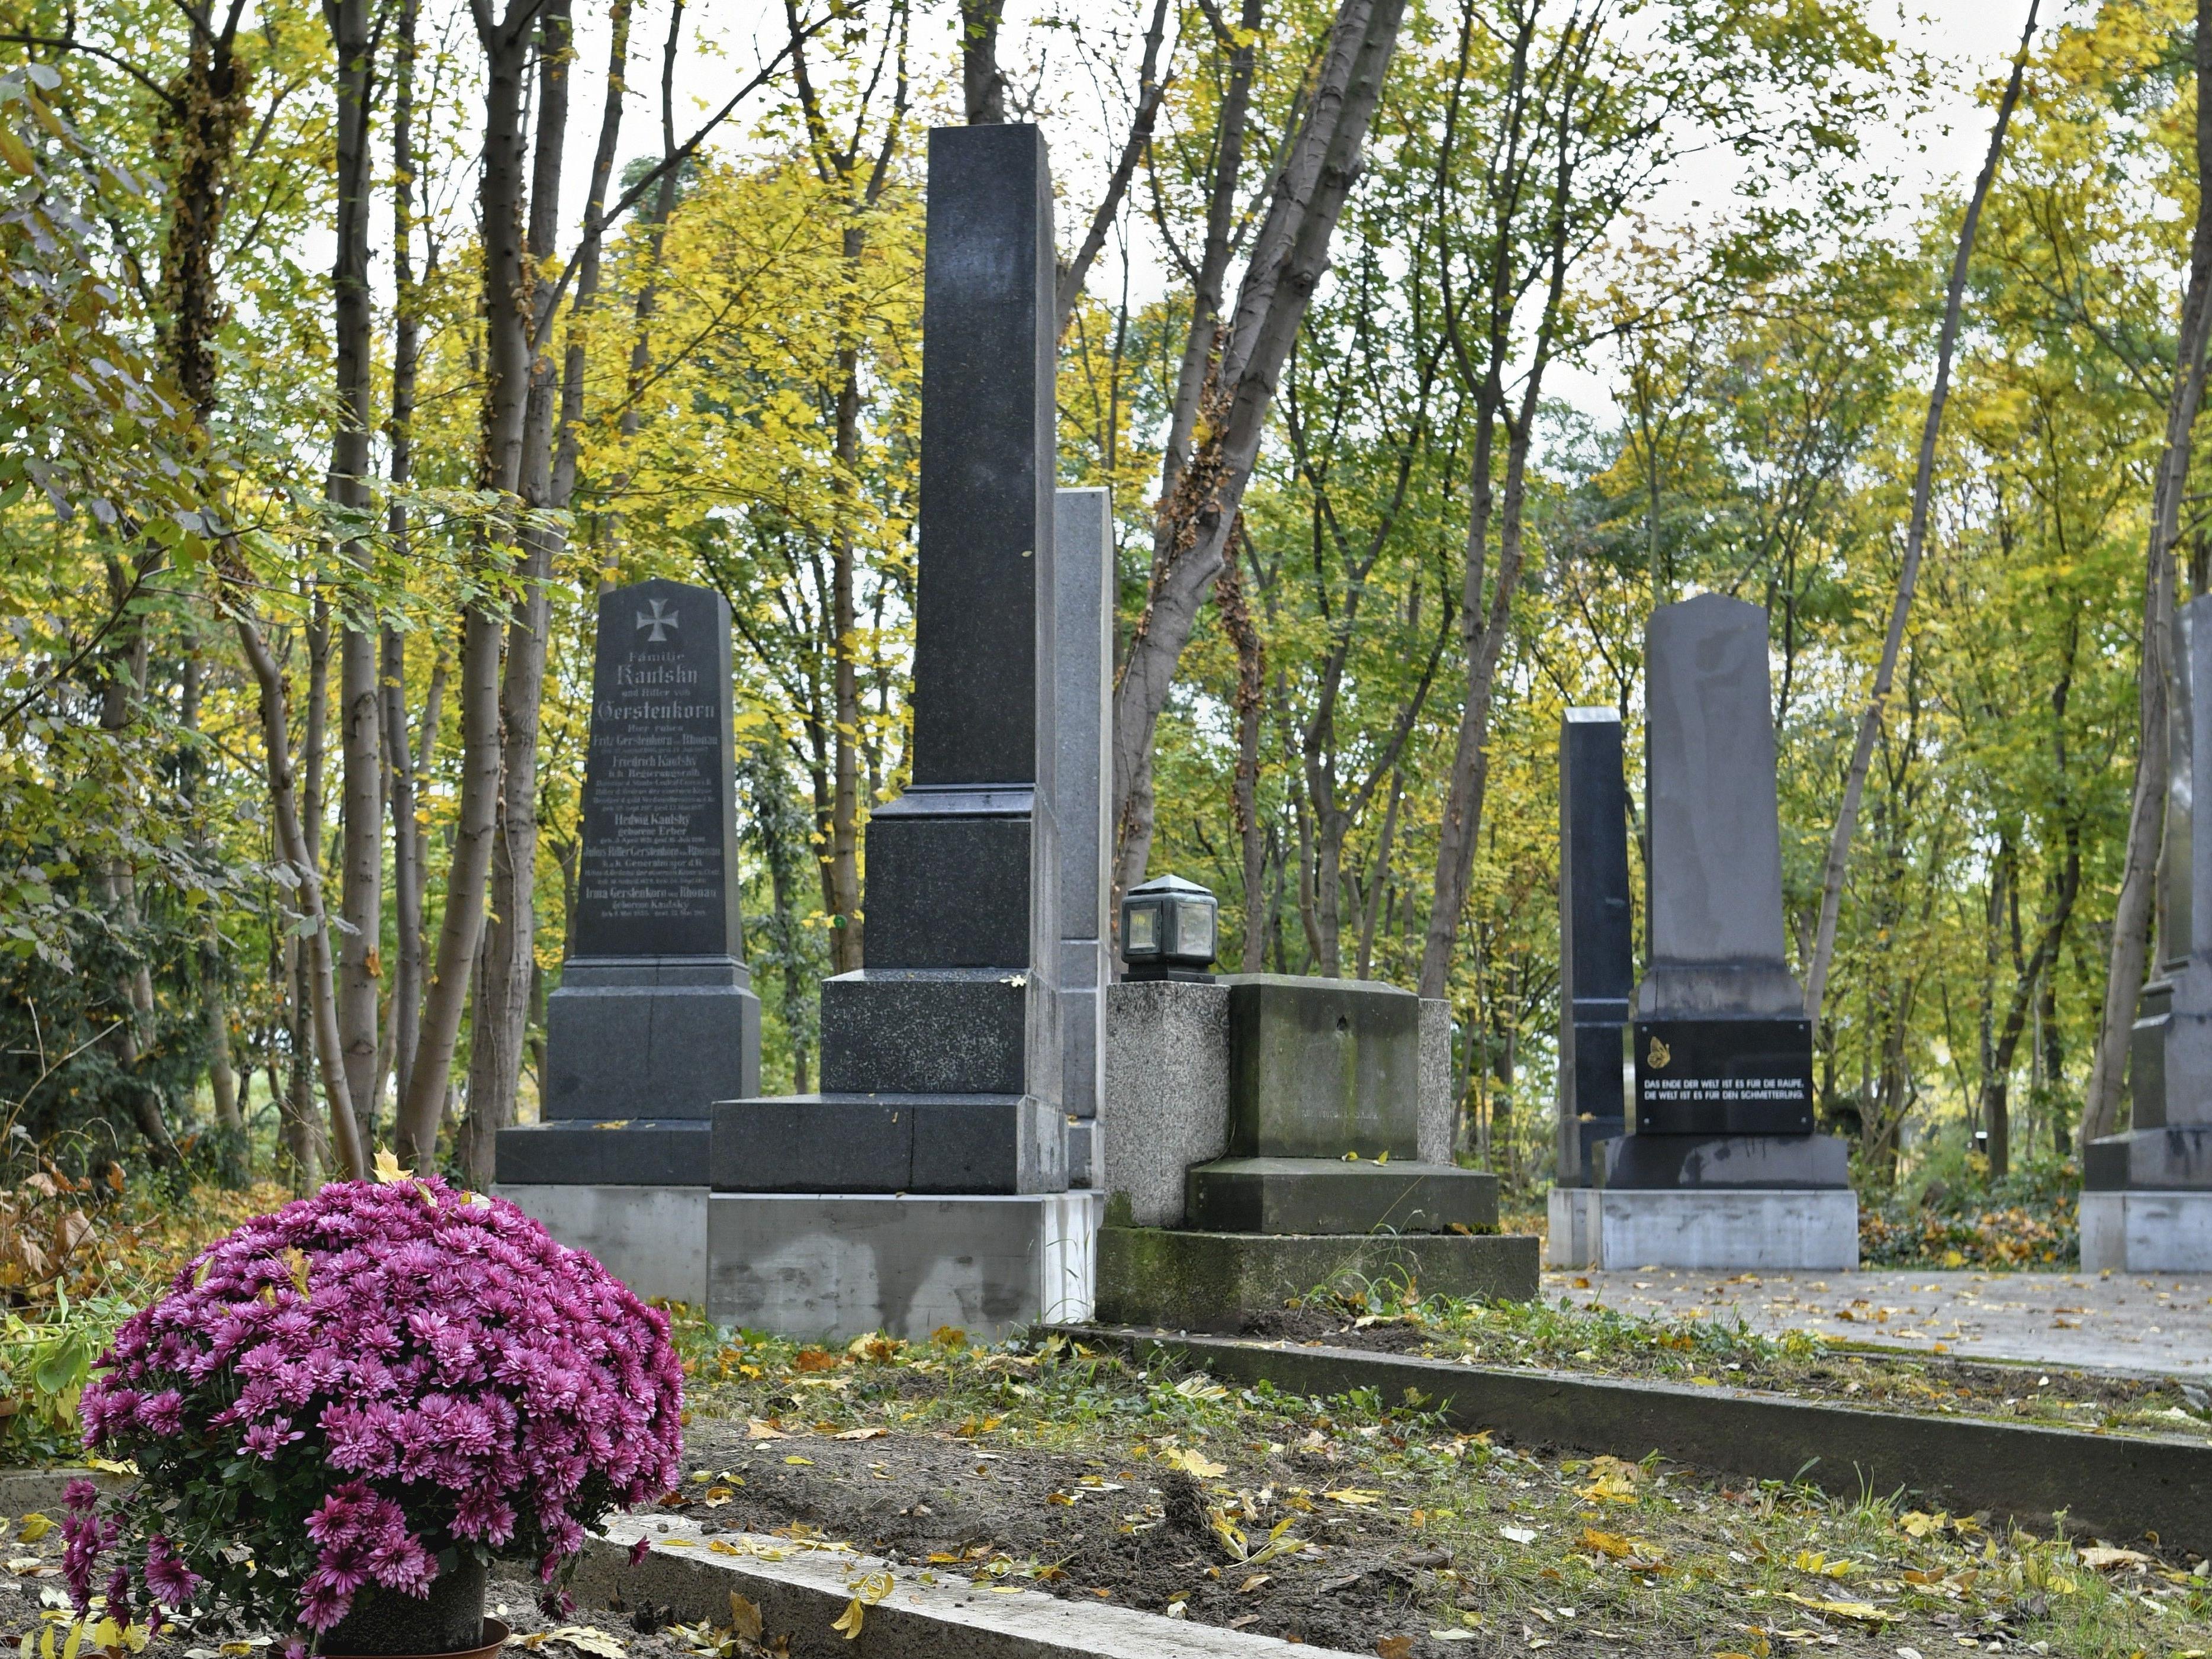 Volksanwaltschaft kritisiert Erhöhung der Friedhofsgebühren in Wien